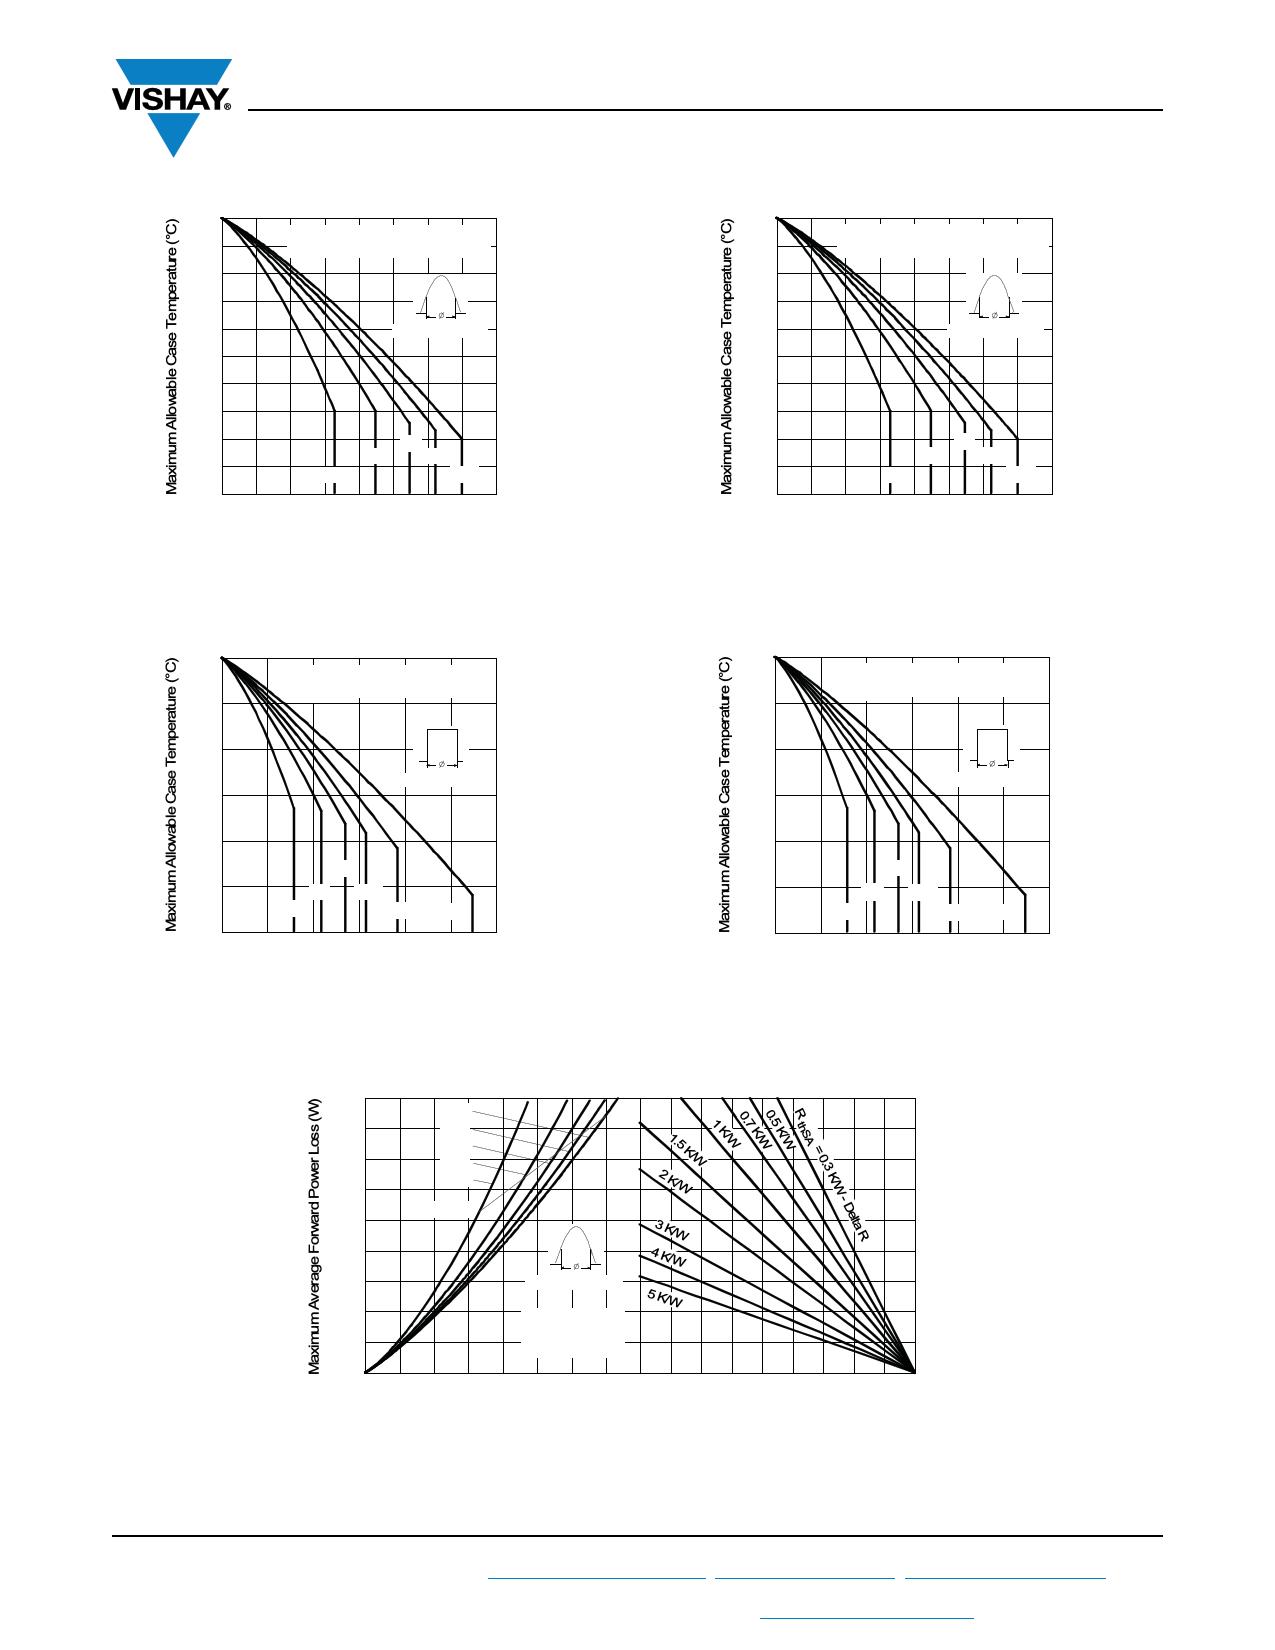 VS-71HFR40 pdf, ピン配列